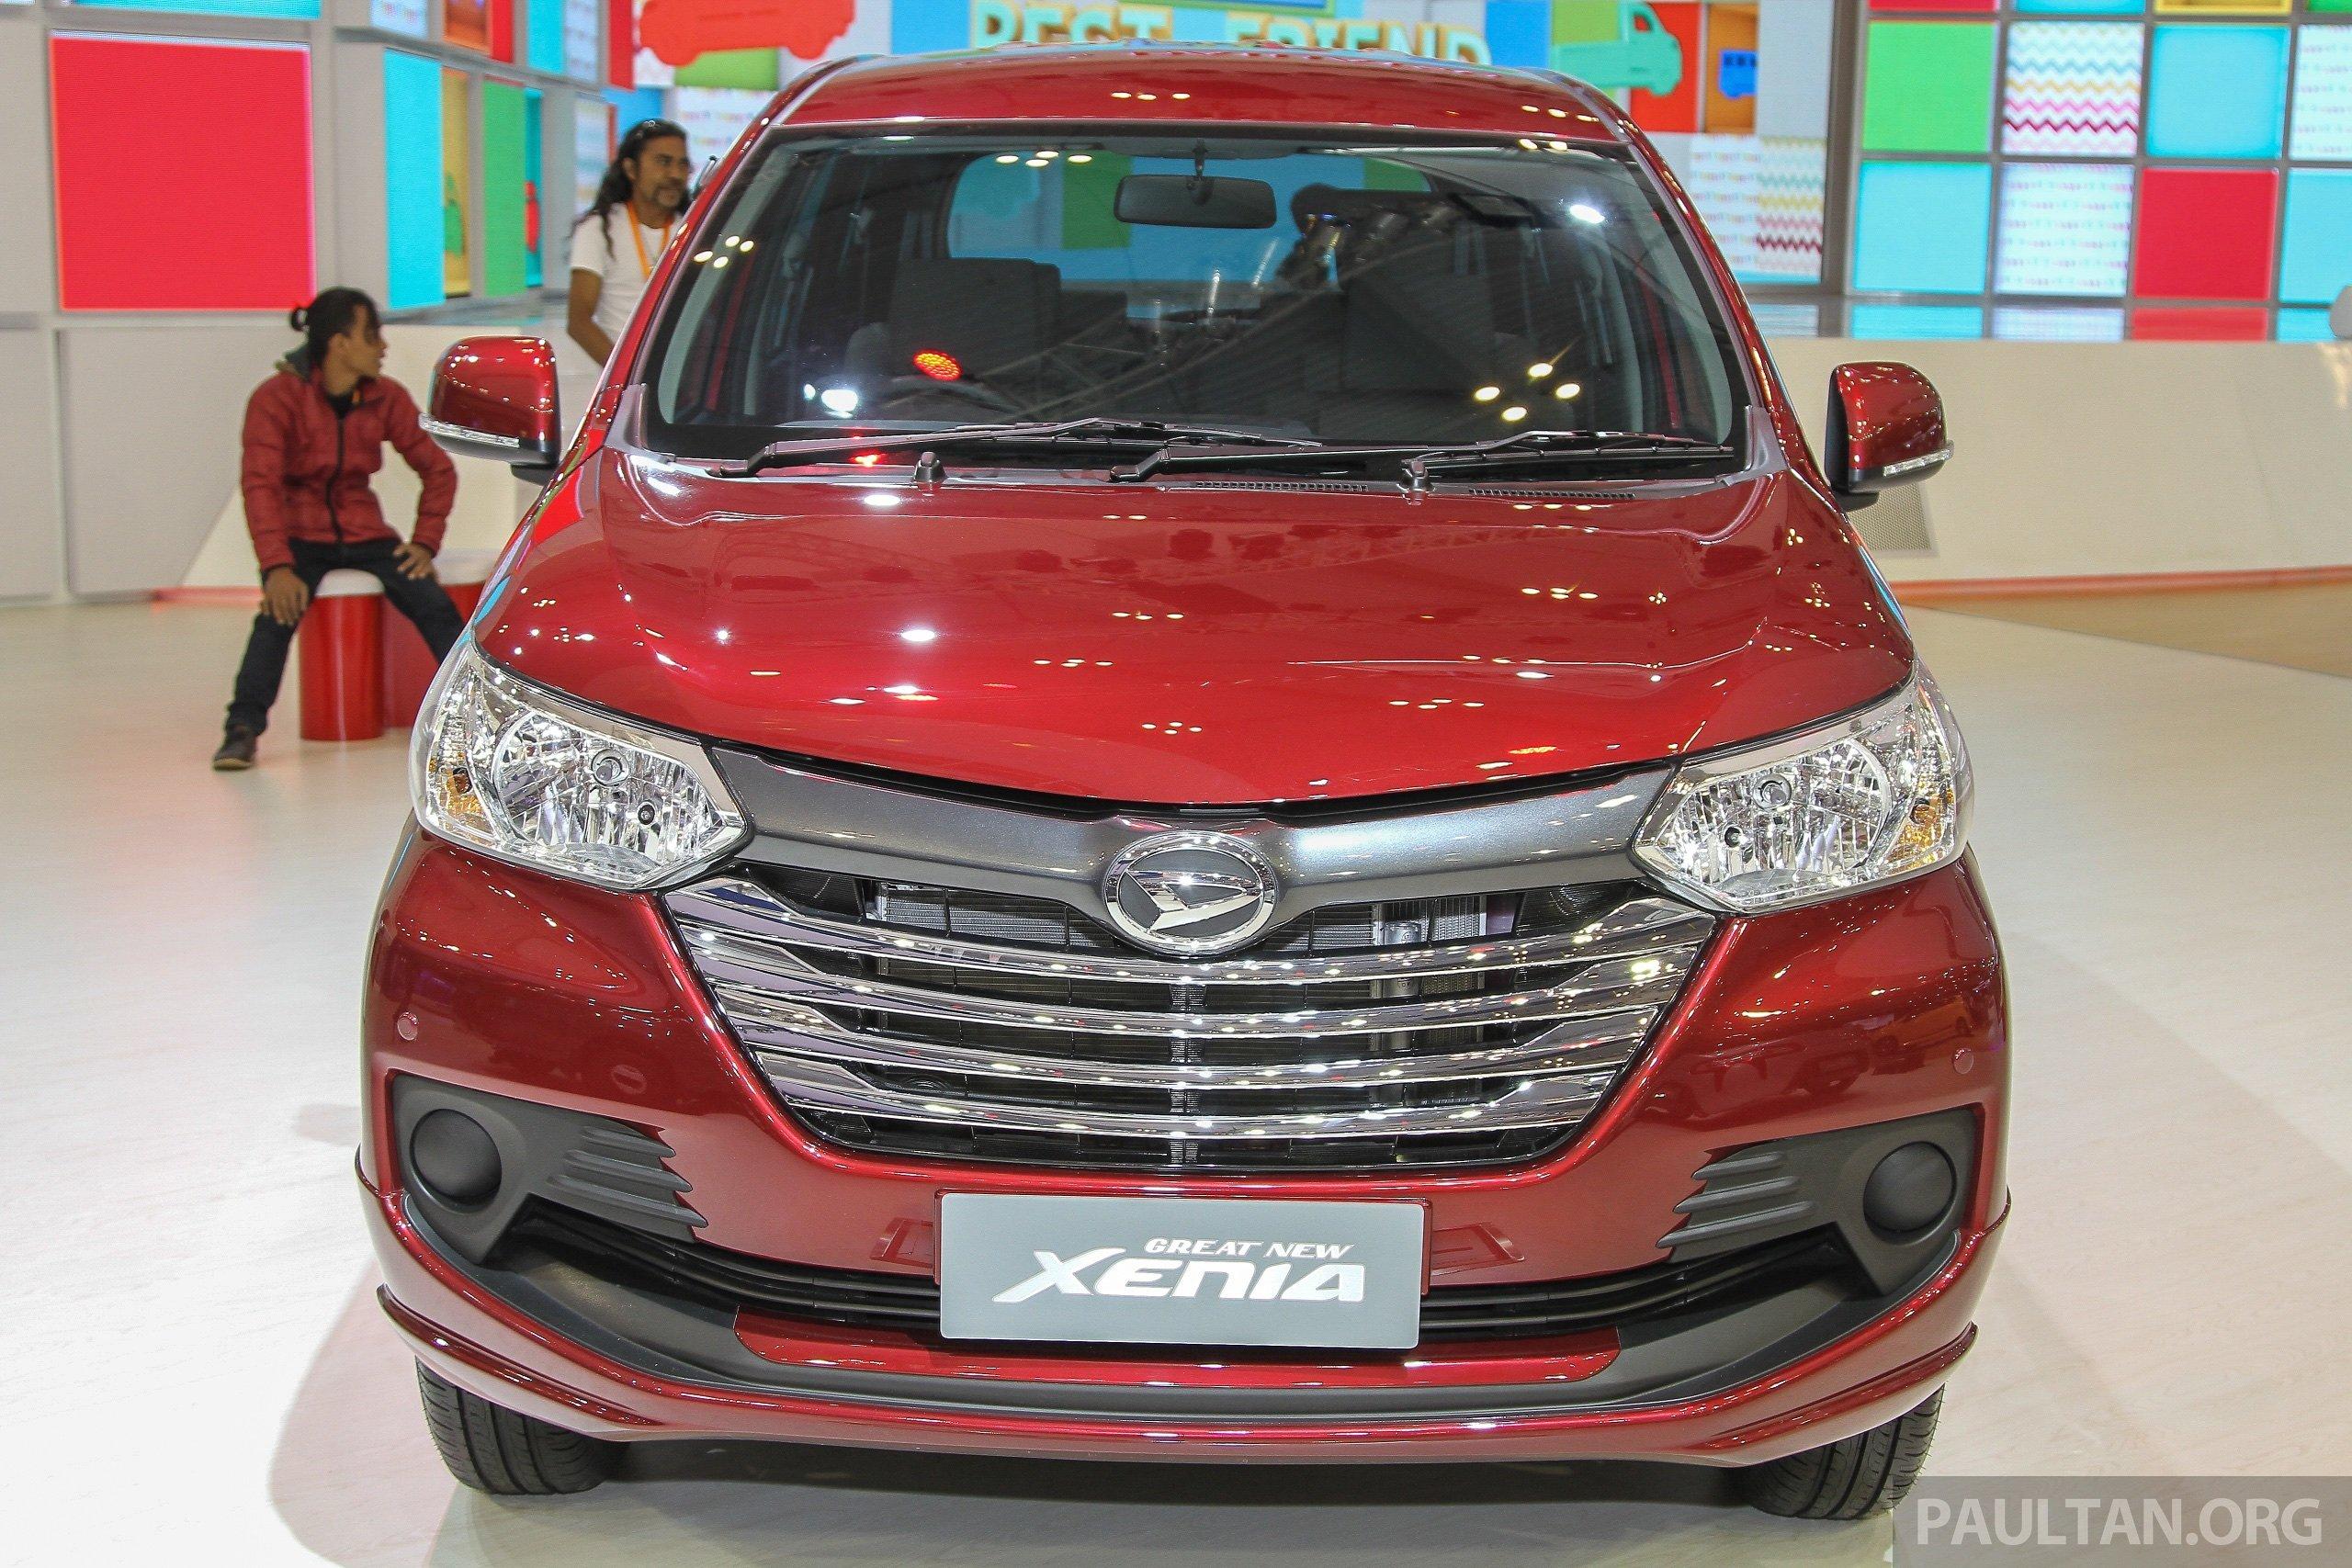 GIIAS 2015: Daihatsu Xenia - facelifted Avanza's sister